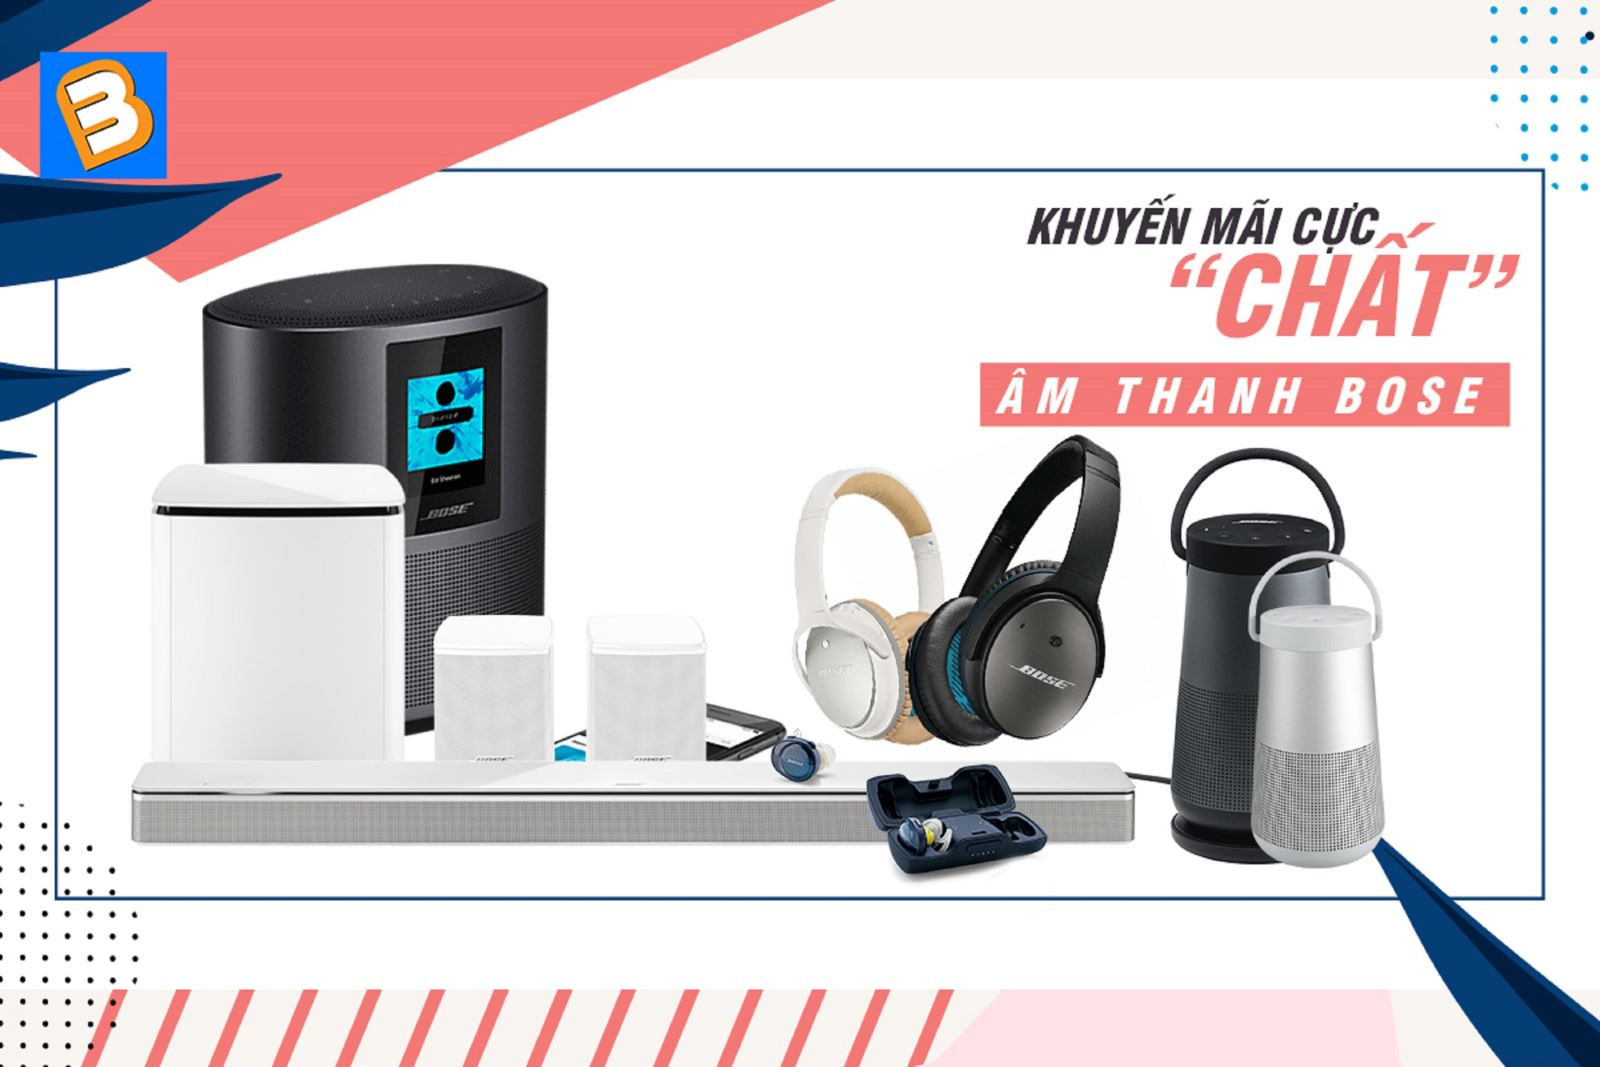 Khuyến mãi cực 'chất' loạt sản phẩm âm thanh Bose duy nhất tại BinhMinhDigital